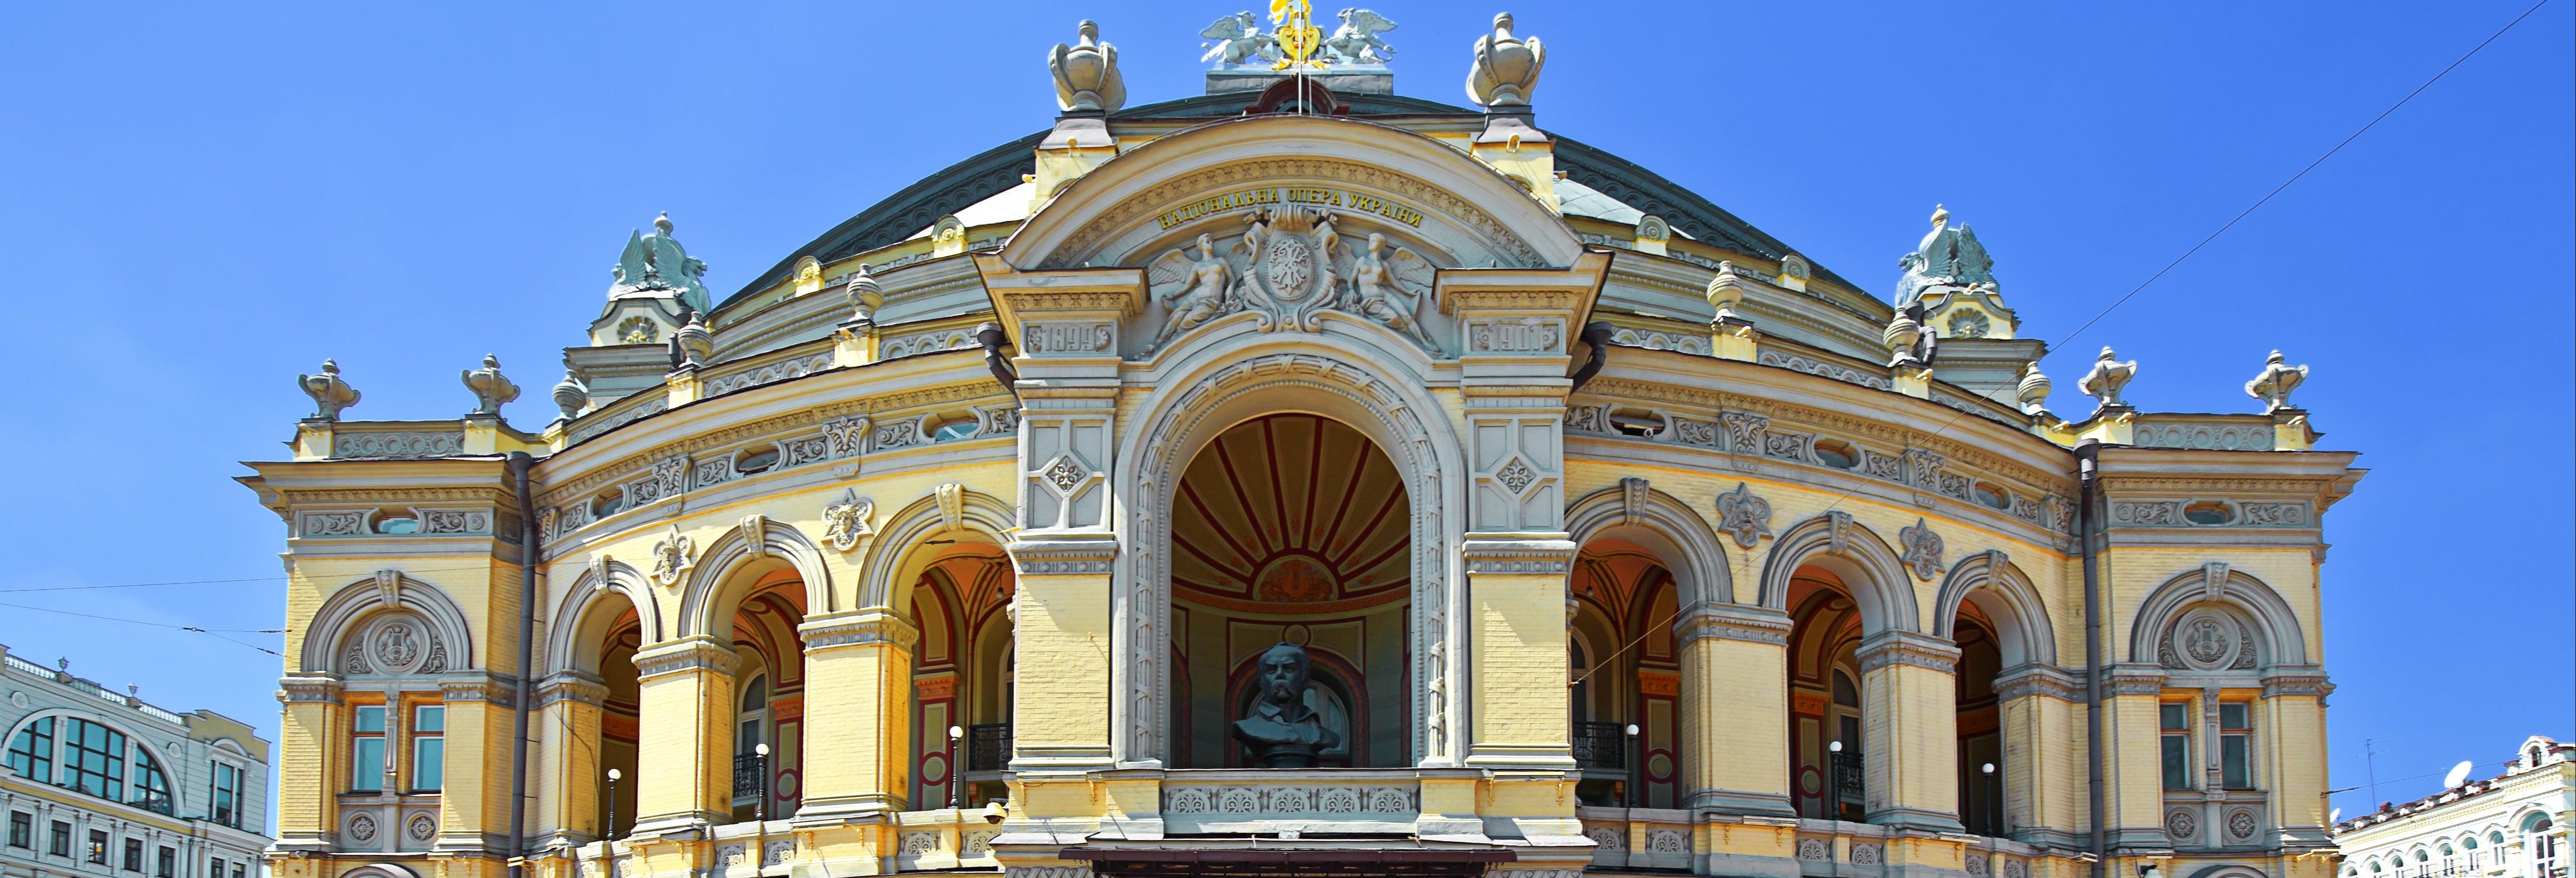 Visita guiada por la Ópera de Kiev